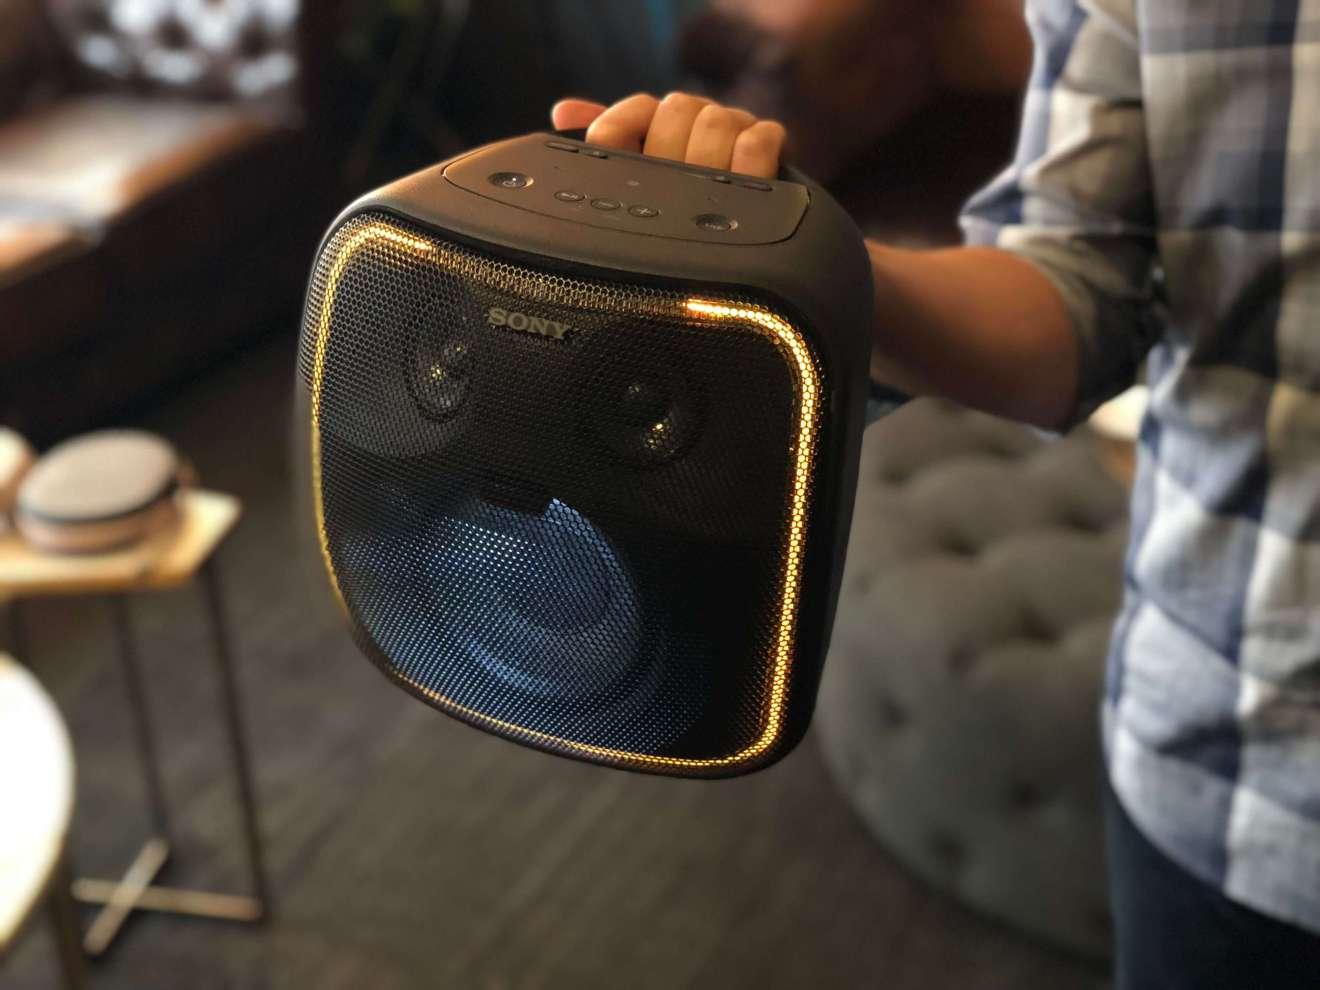 Imagem do SRS-XB50 da Sony, apresentado na IFA 2018.